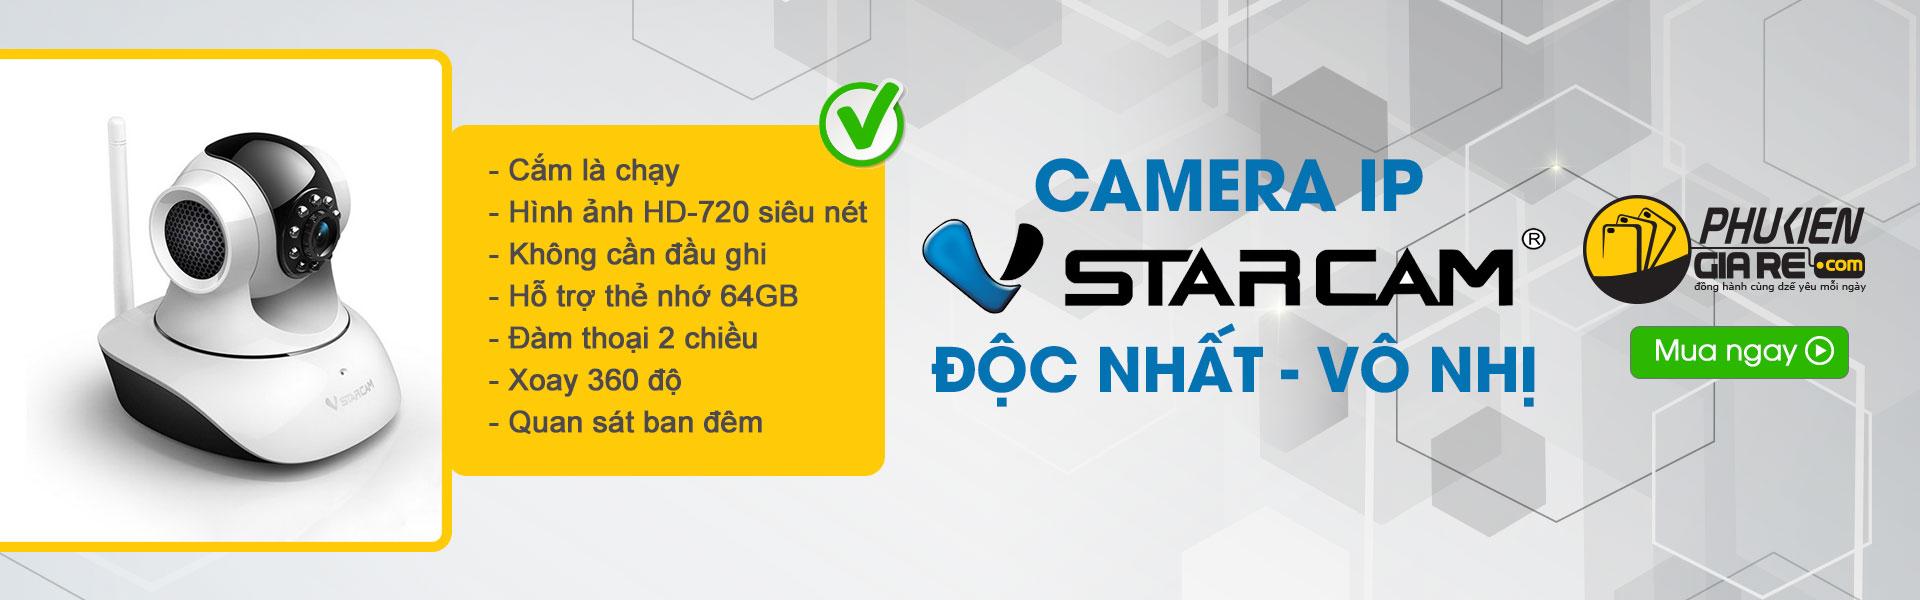 Camera Vstarcam